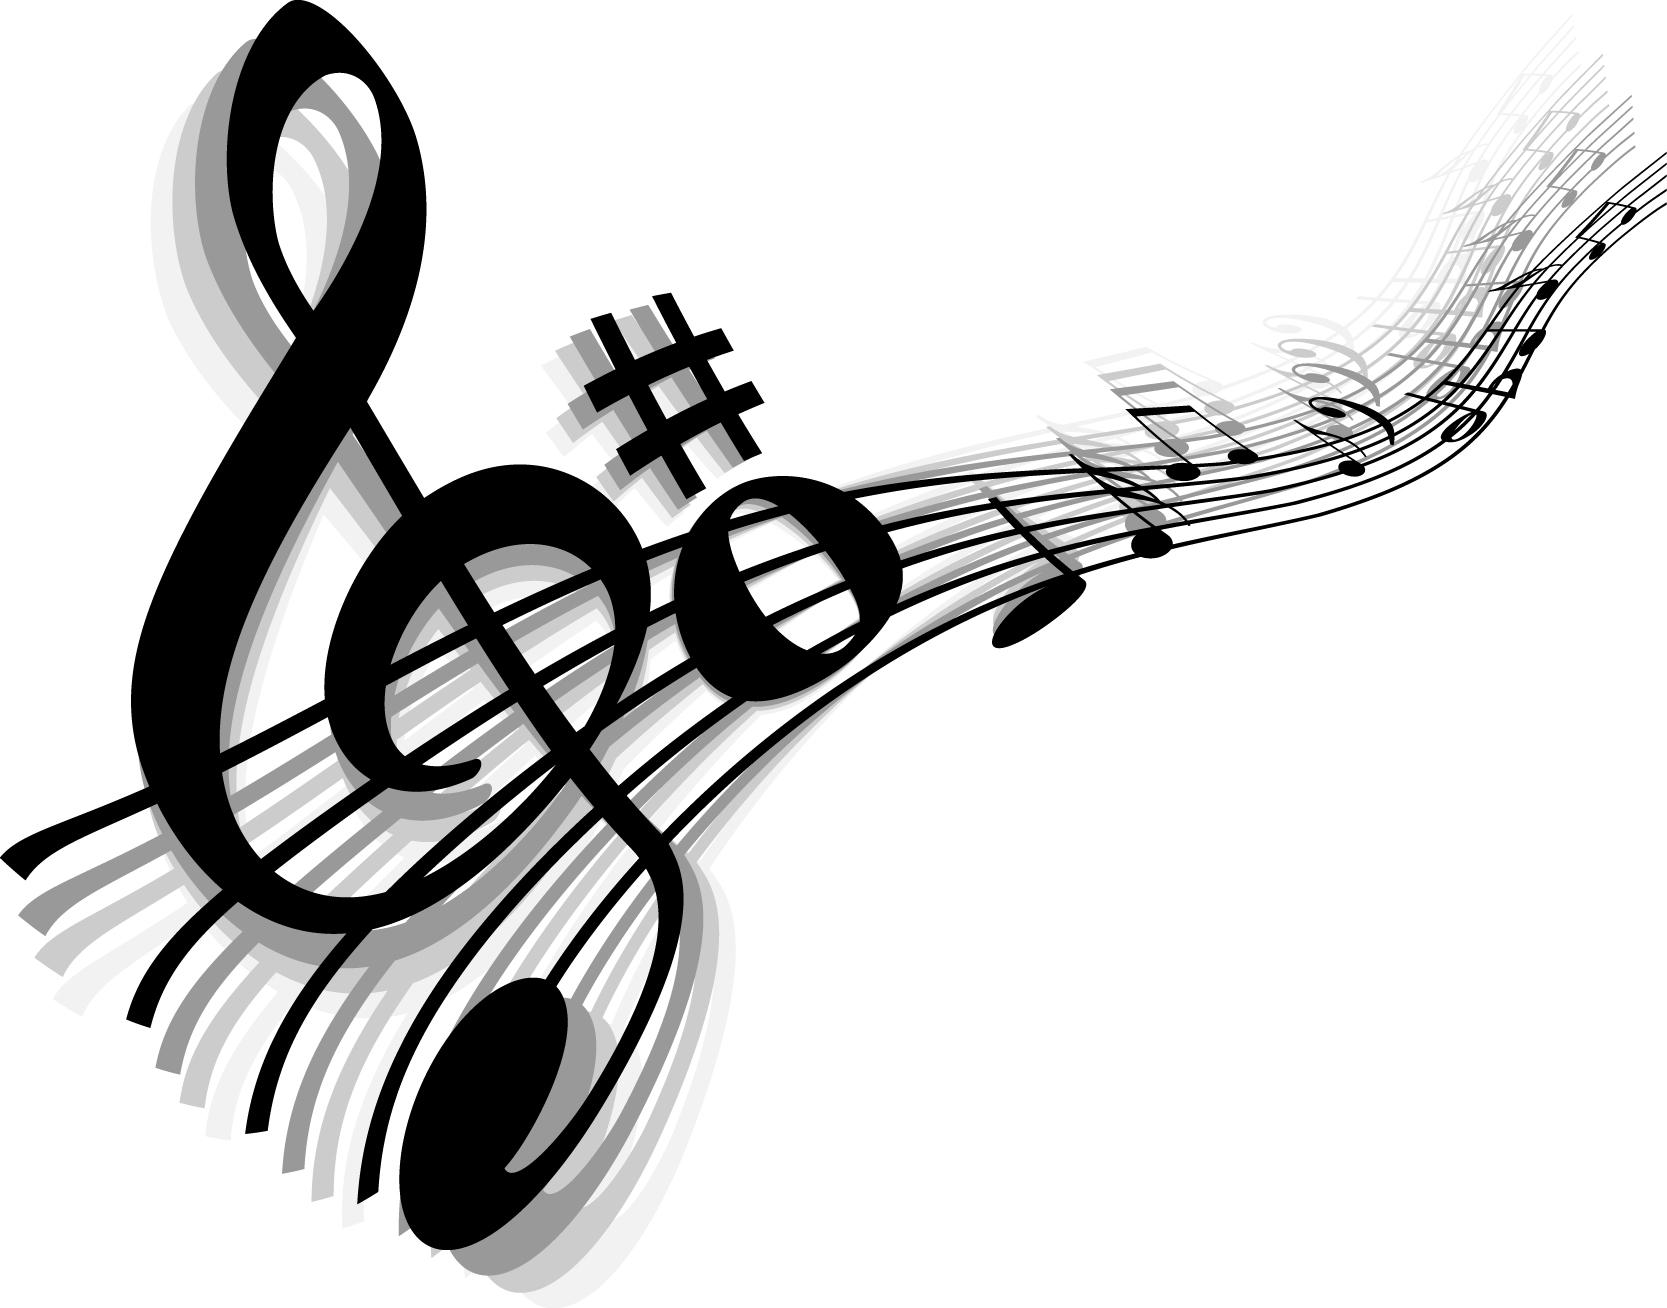 聲樂學習的對象